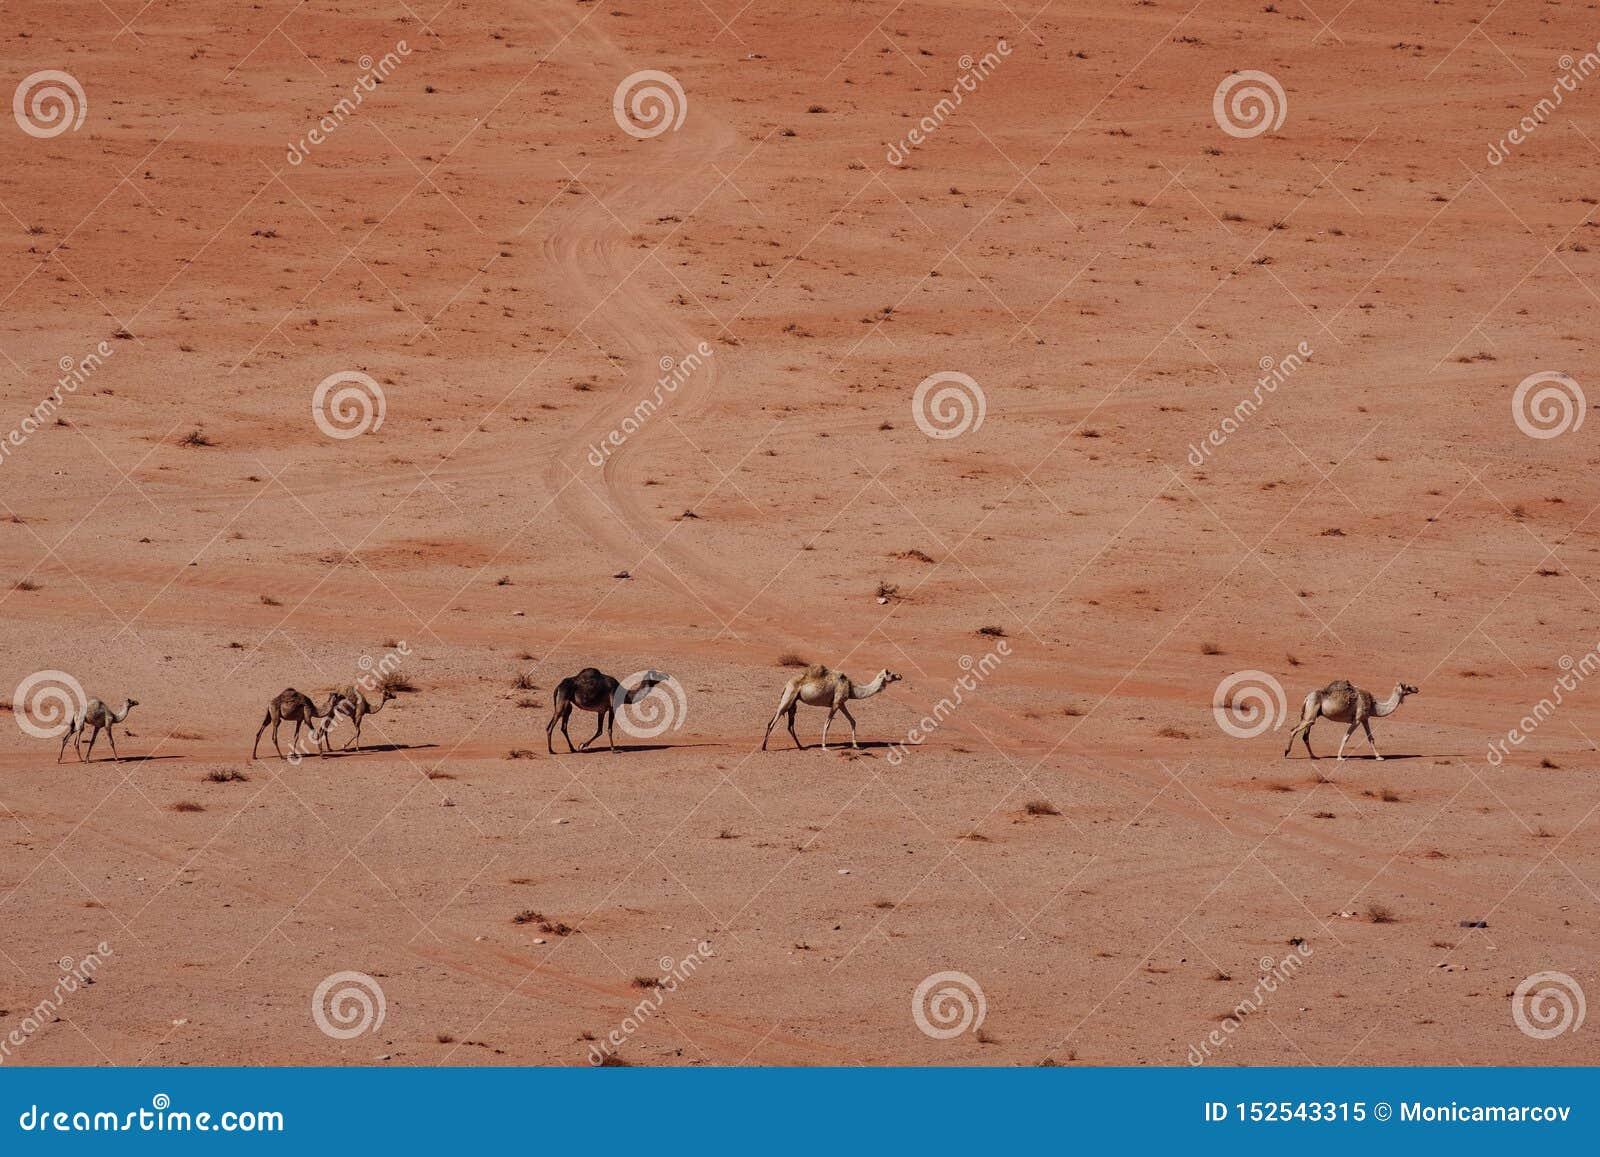 Дикие верблюды в пустыне Пустыня рома вадей